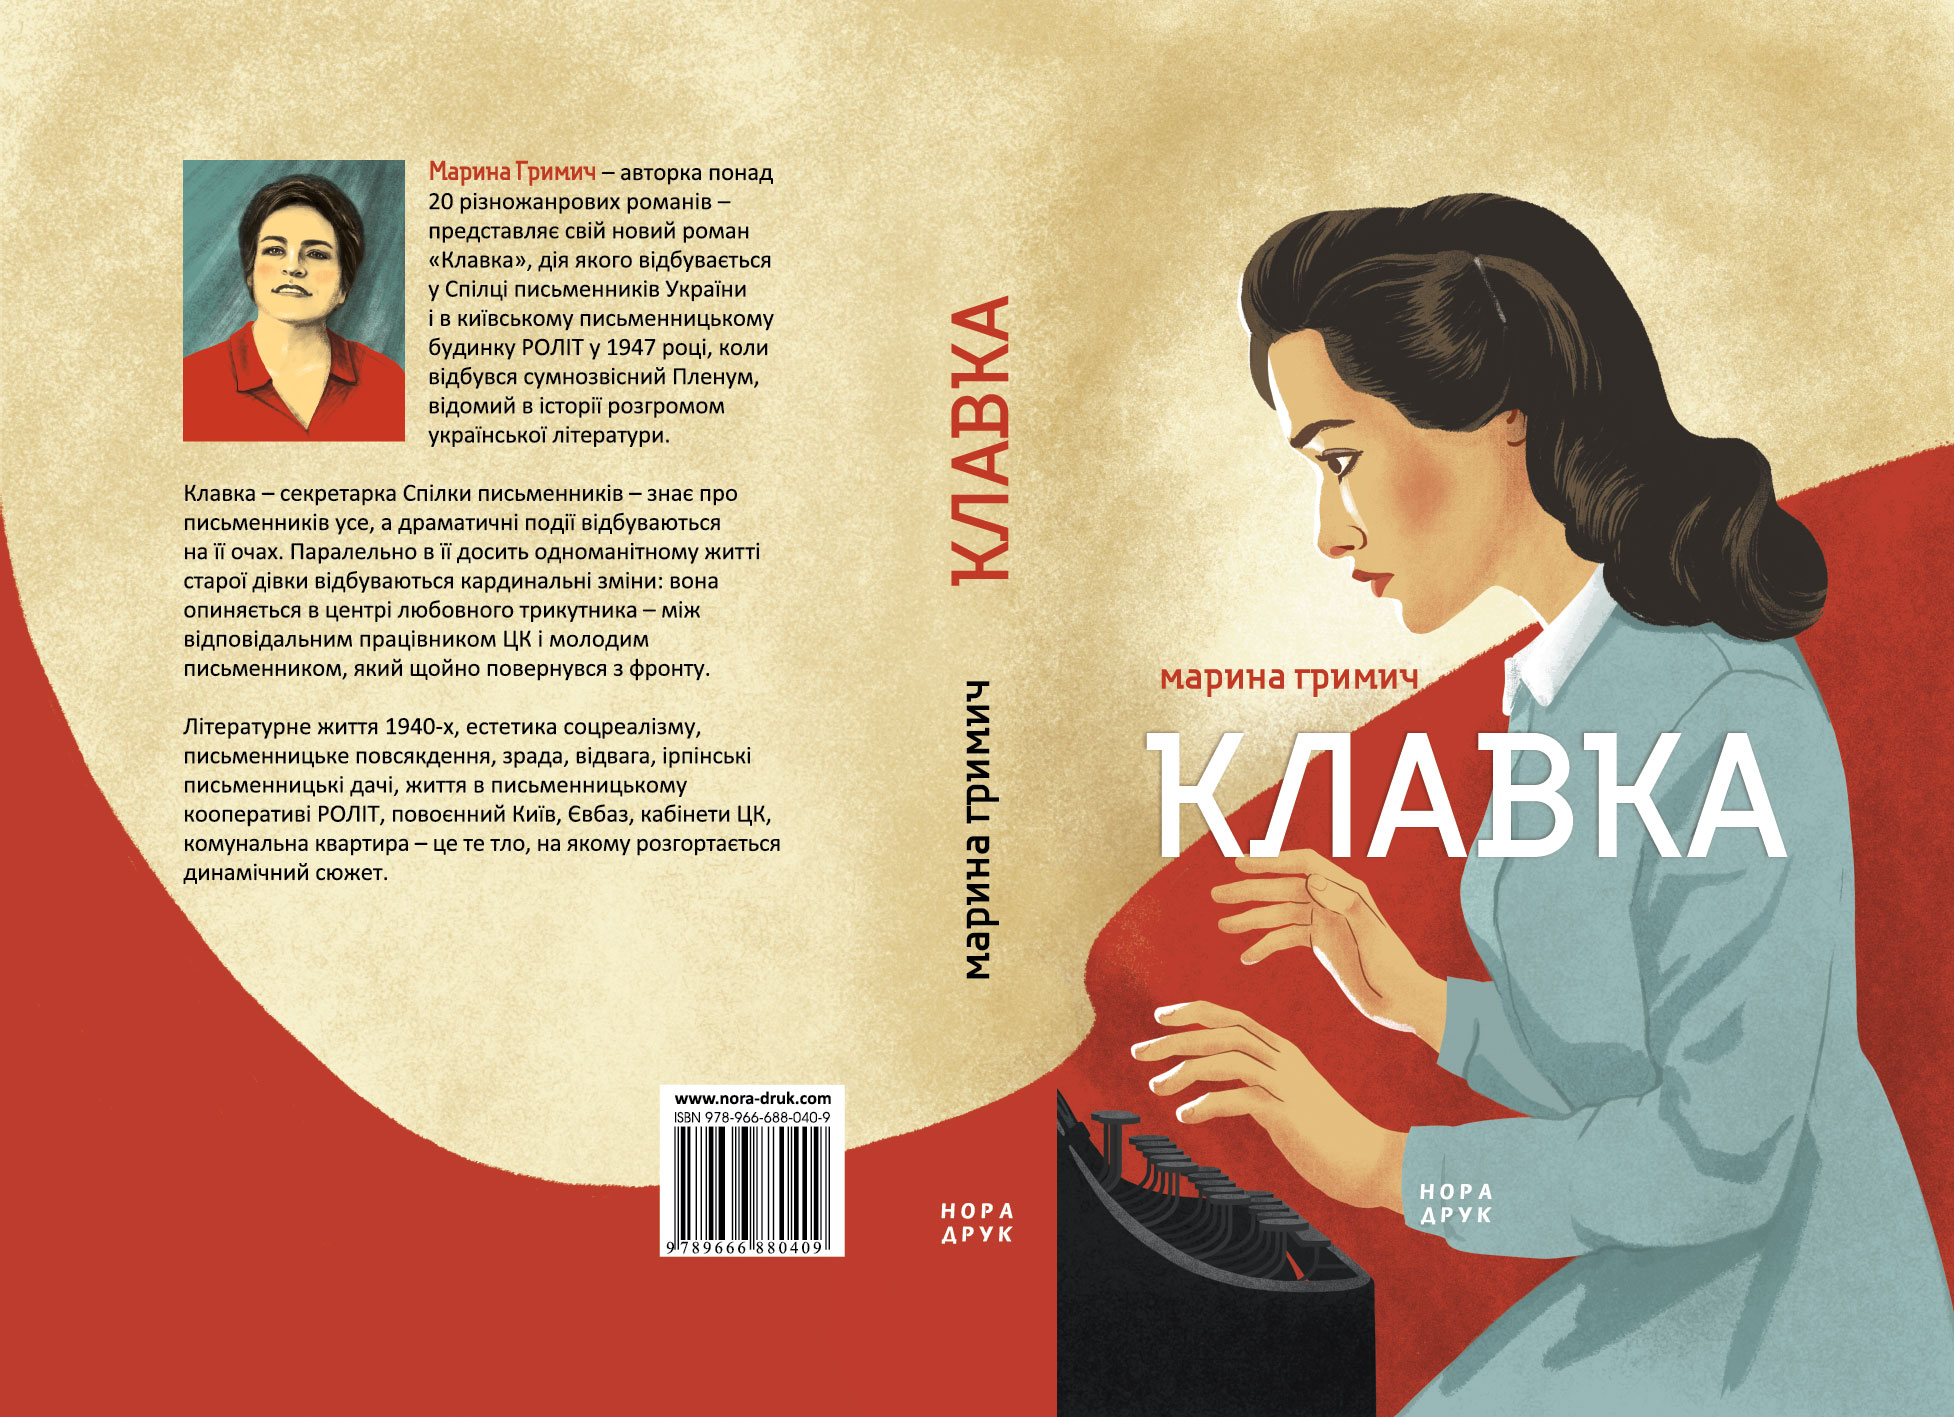 Гримич, Клавка, книги, чтение